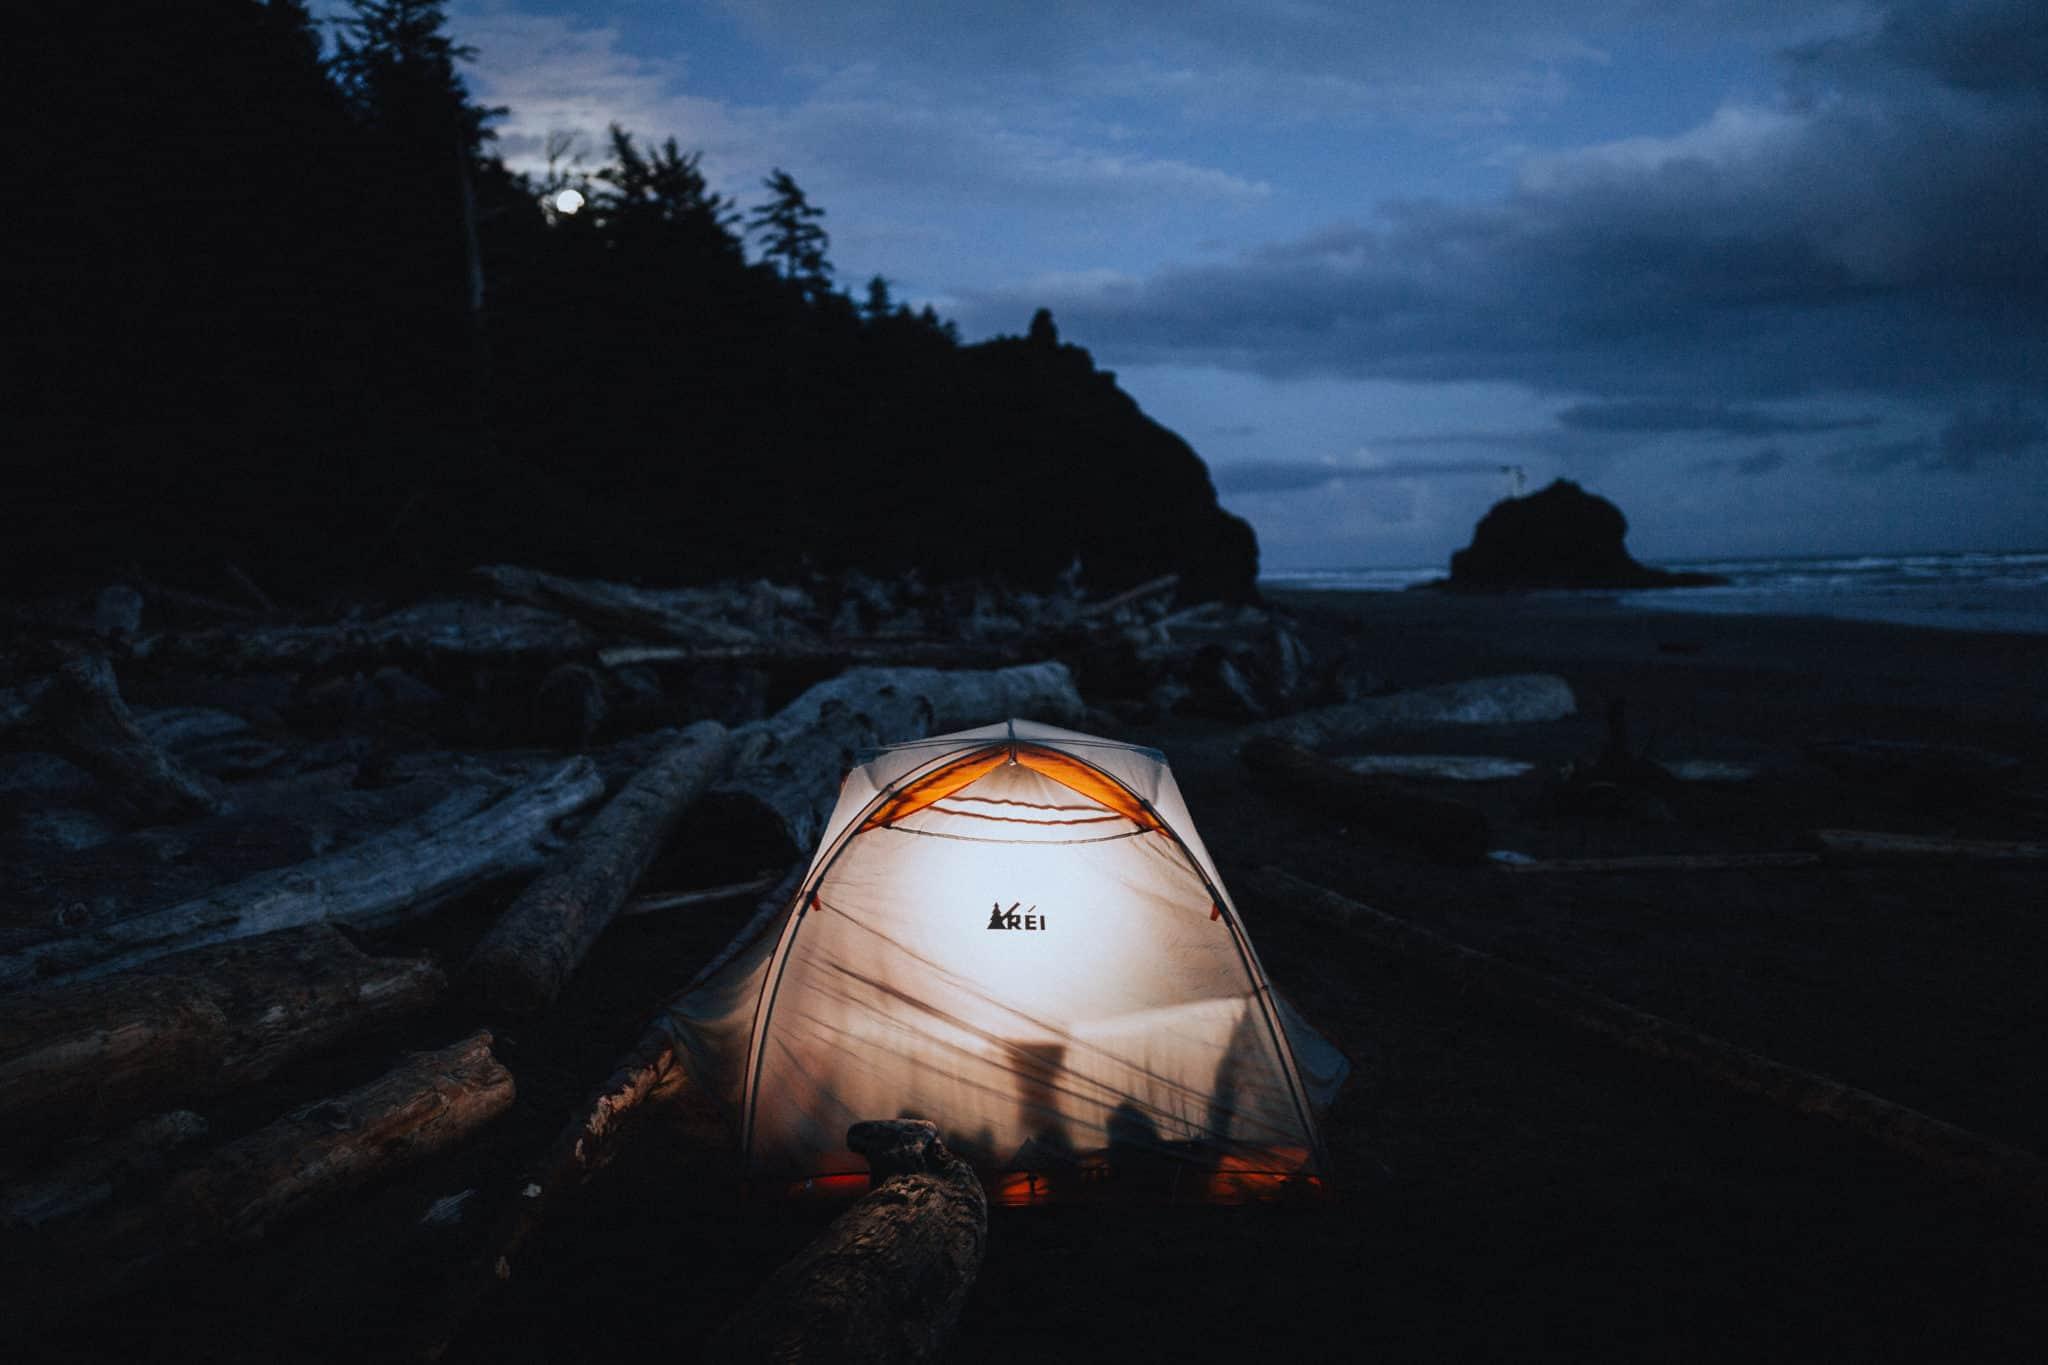 Olympic Peninsula Road Trip - La Push Beach Camping